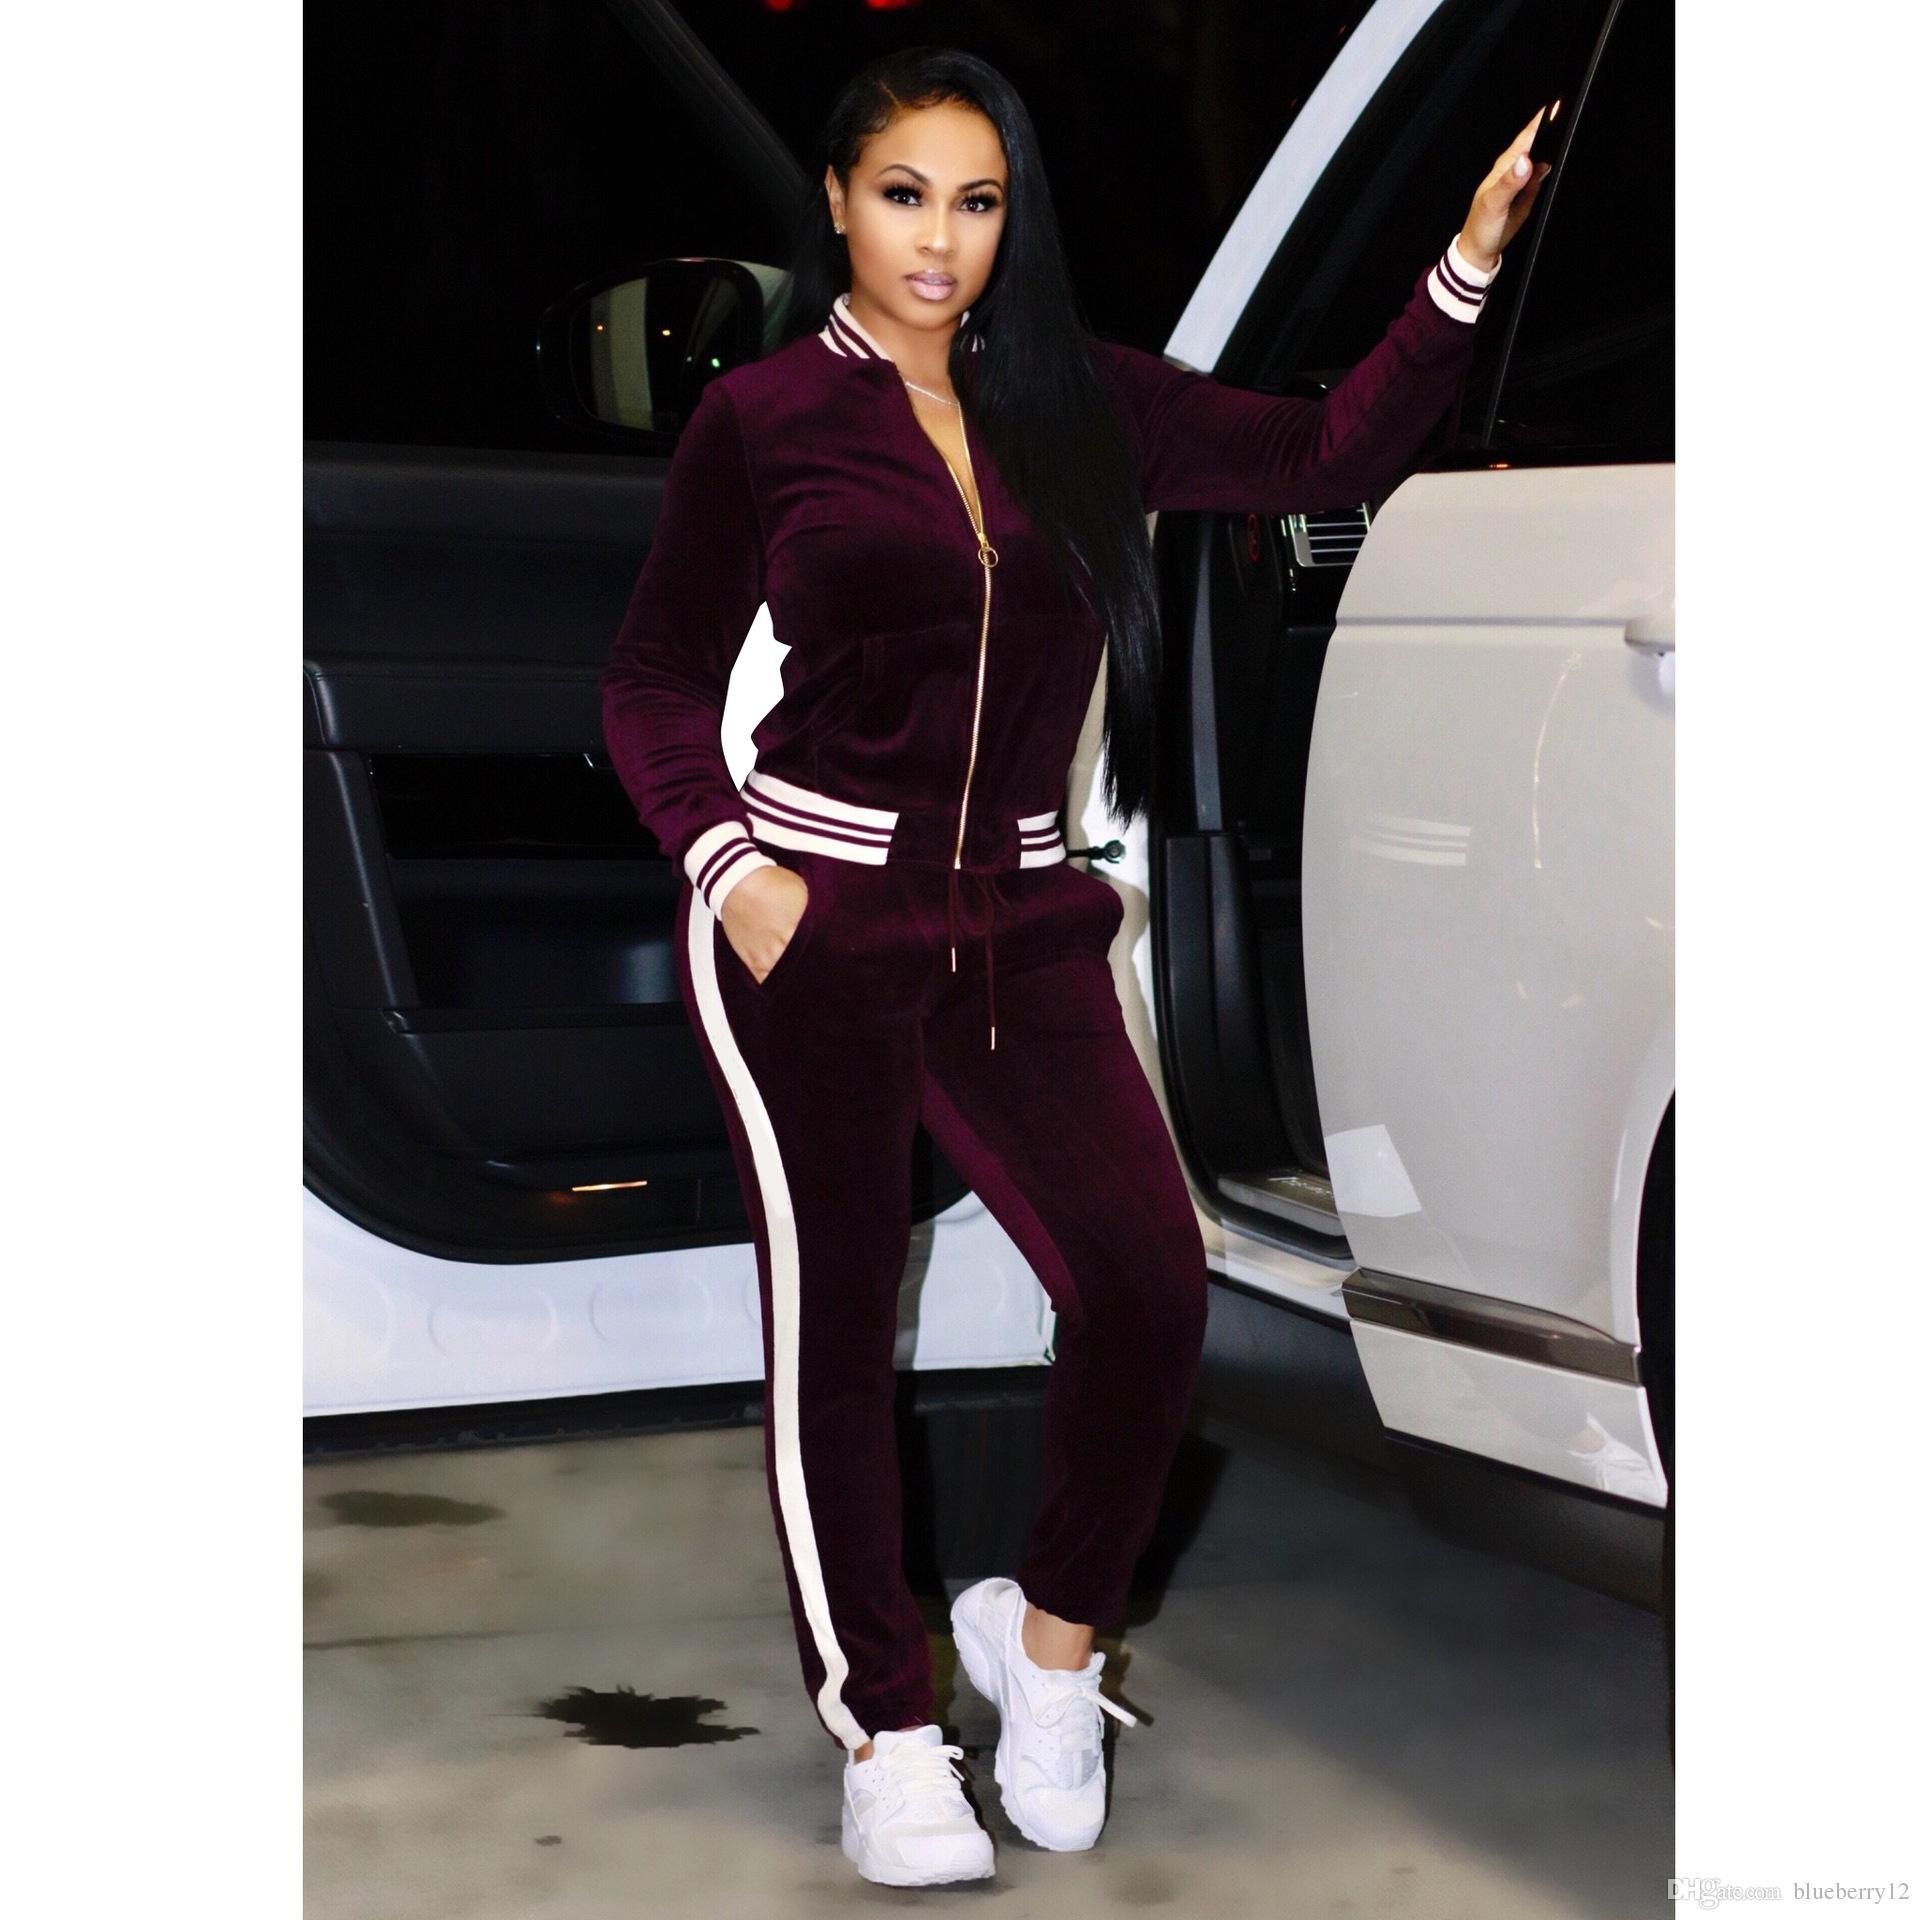 كبير الحجم رياضة المرأة ملابس حامل الياقة رياضية مثير النساء بدلة عادية زيبر البلوز مع بانت الركض محدد